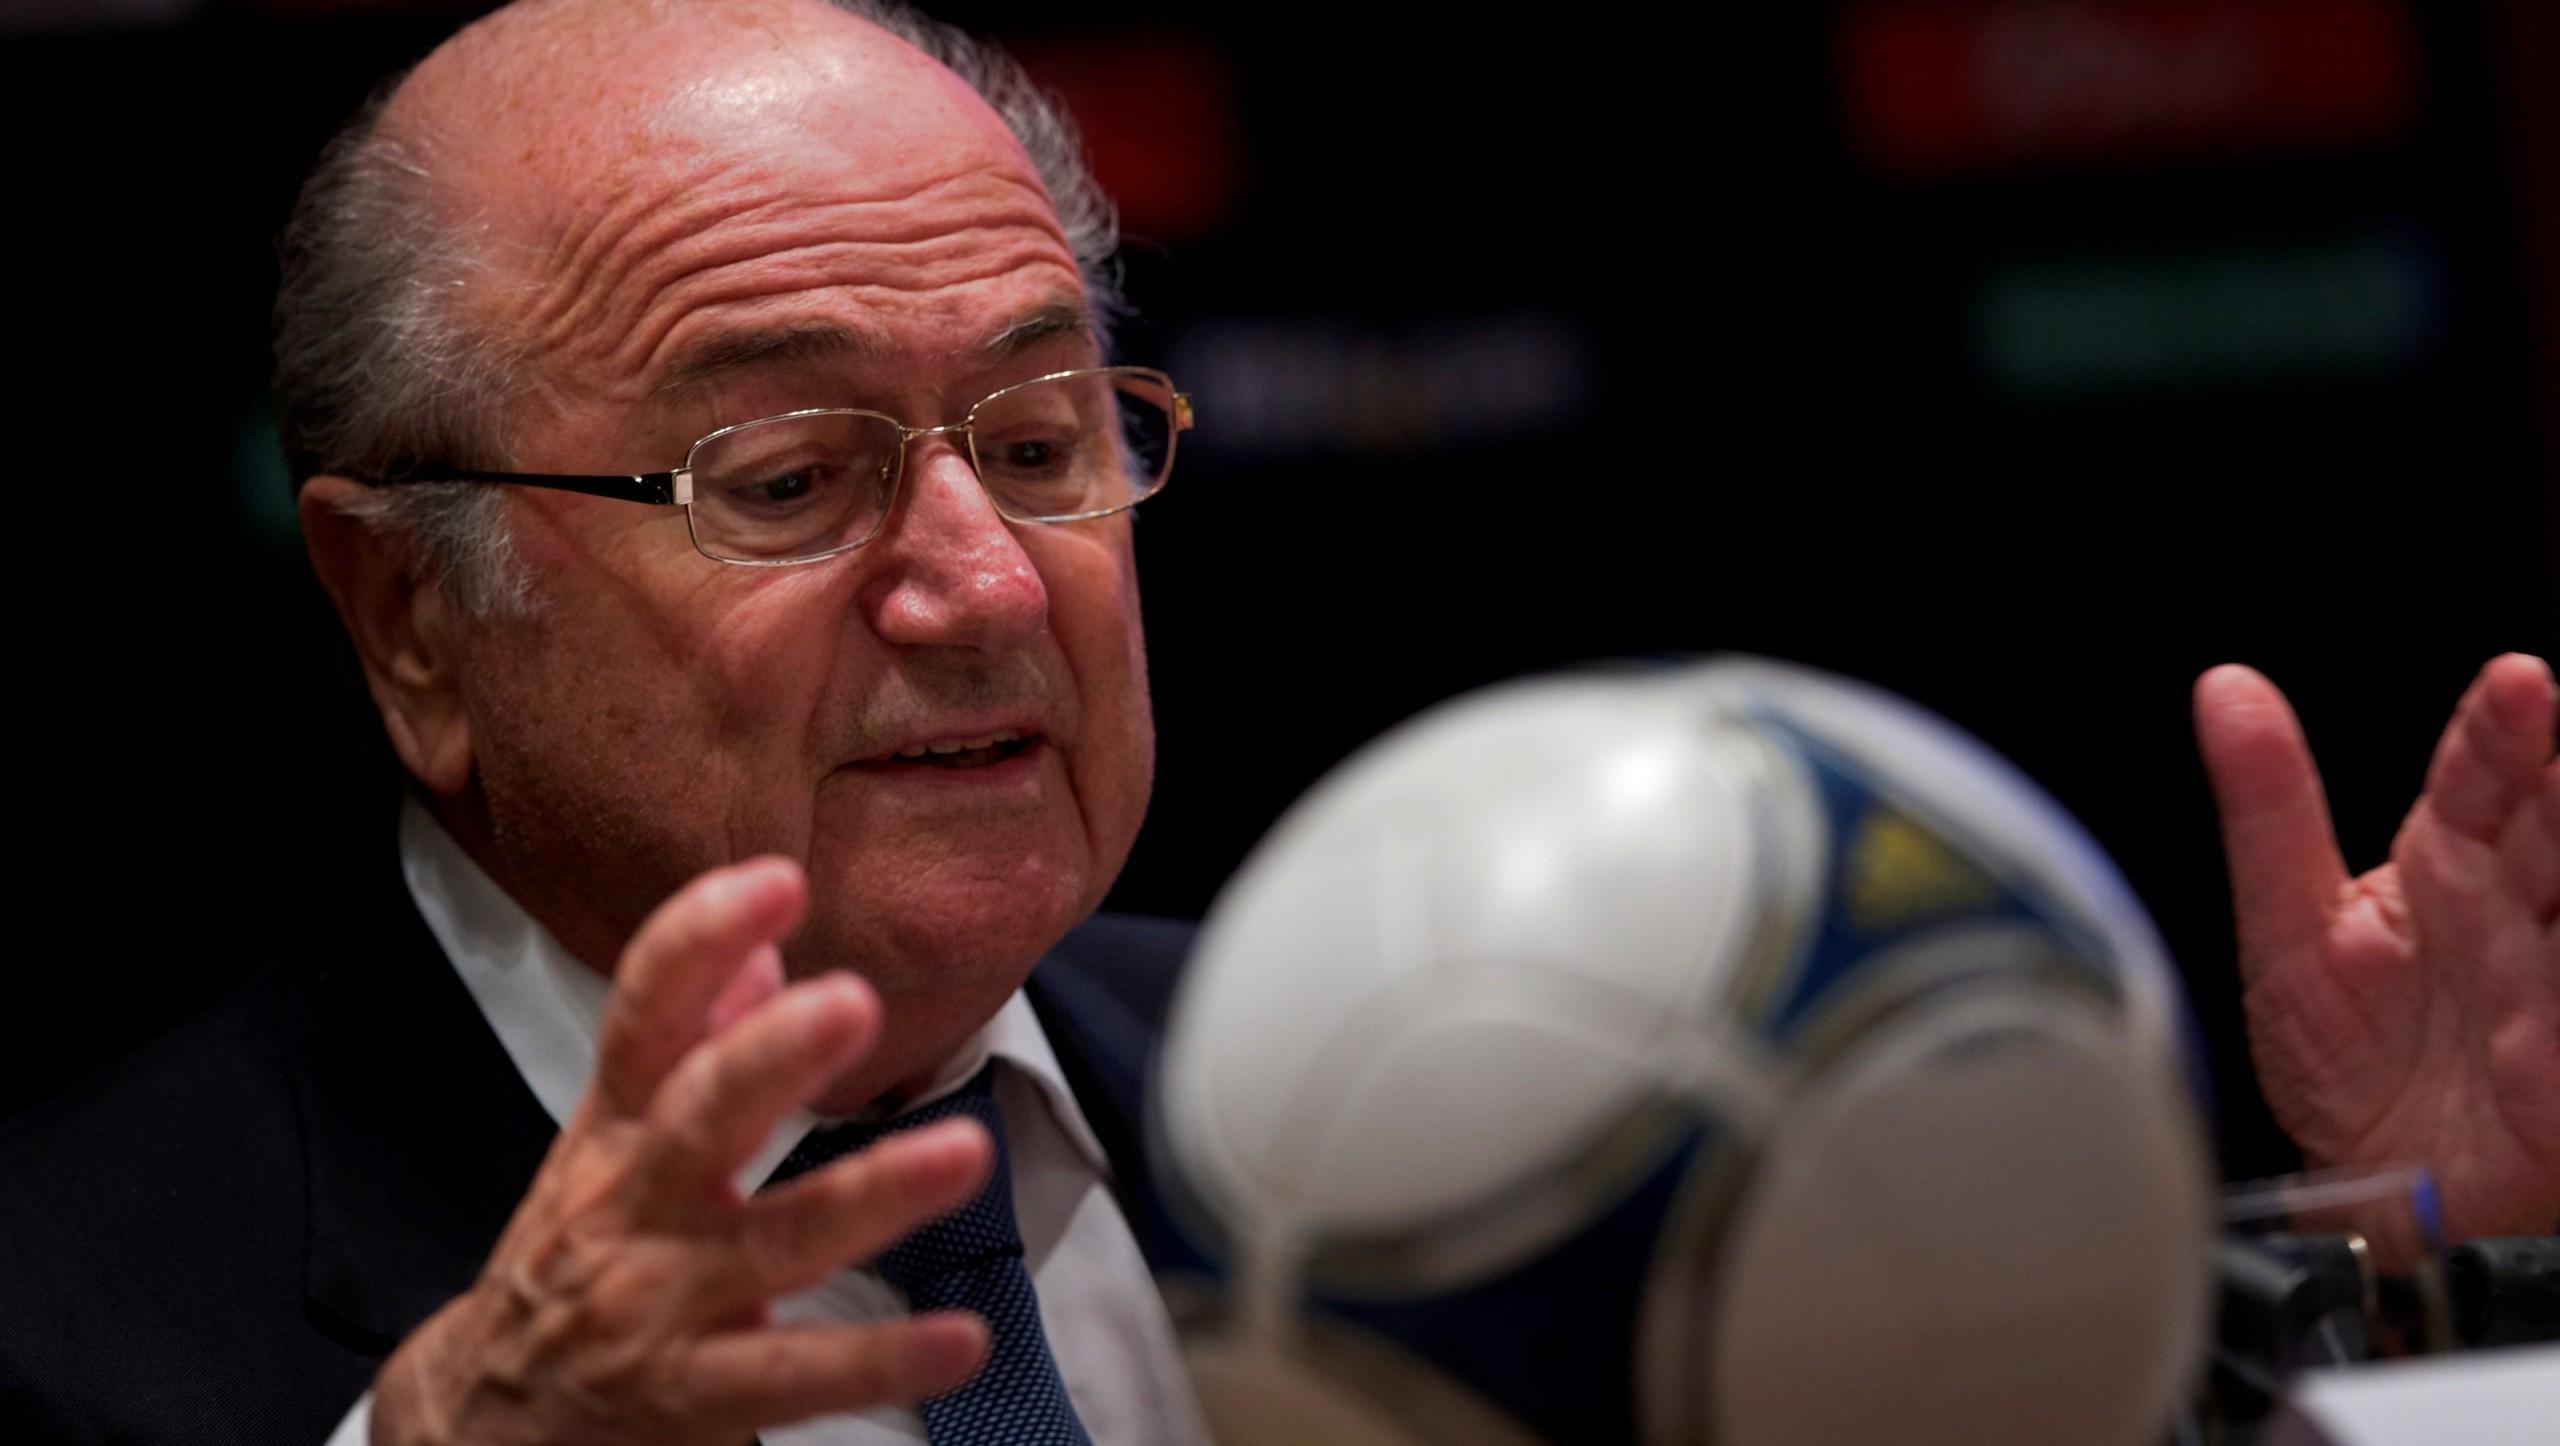 Sepp Blatter wearing glasses